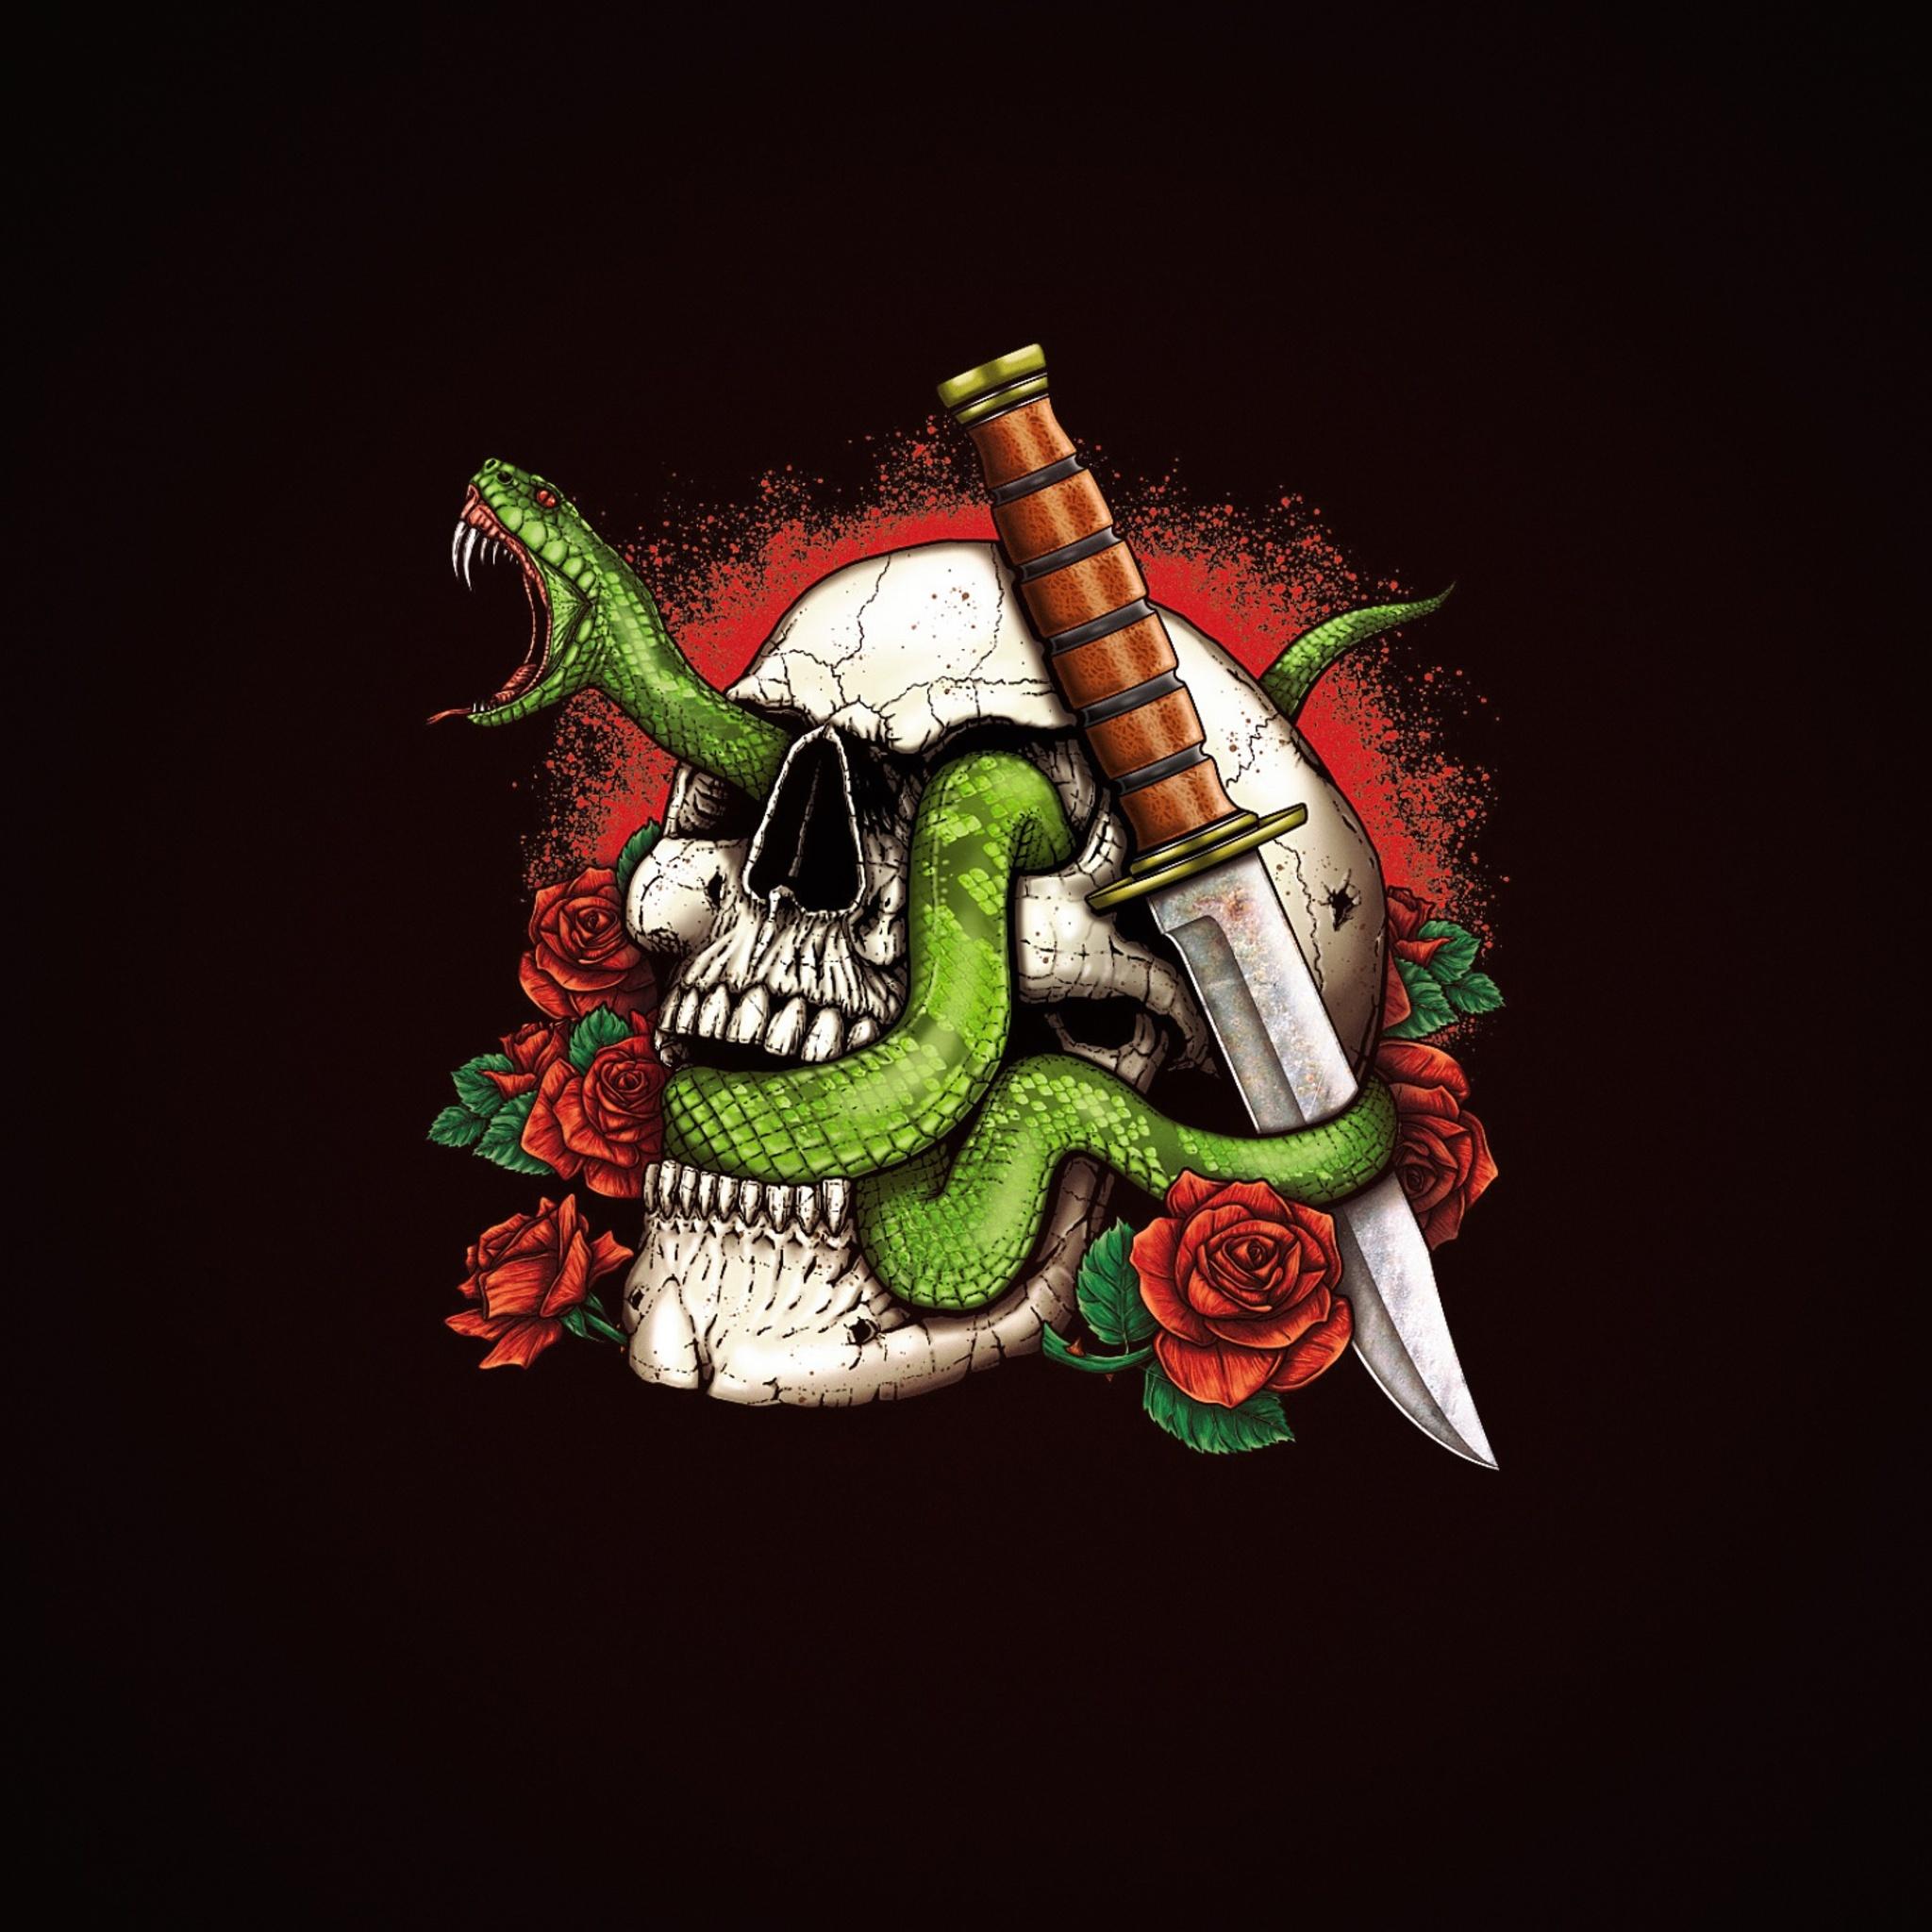 skull-and-snakes-cv.jpg